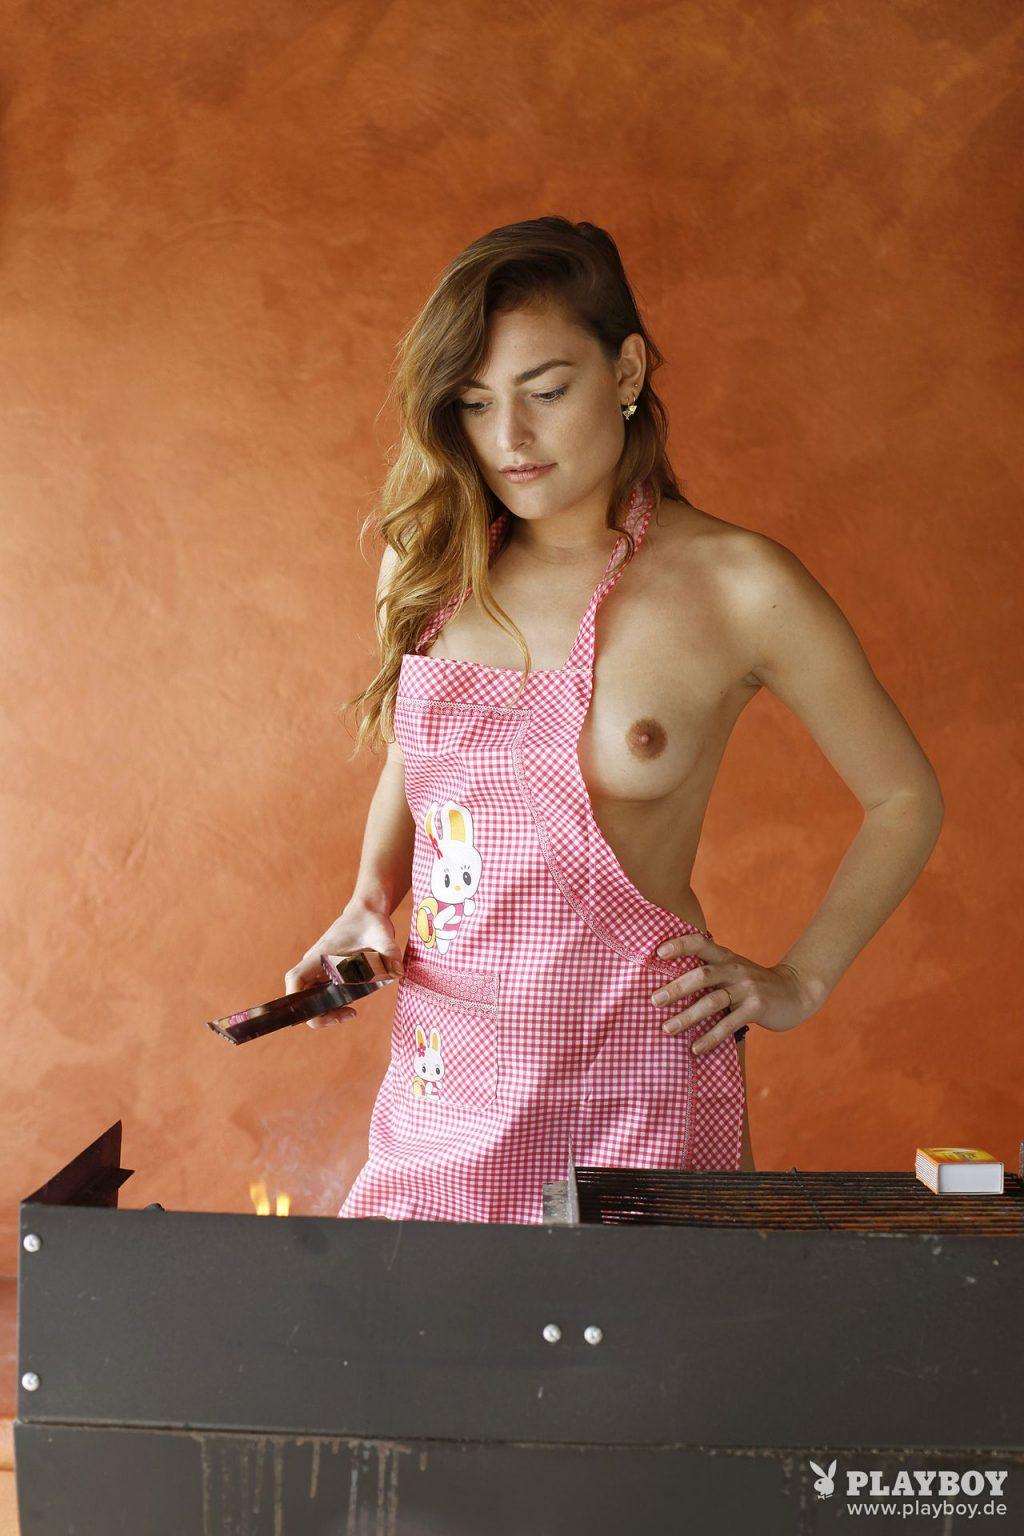 Amy Lindsay Desnuda yvette holleman naked (5 photos) – ( ͡° ͜ʖ ͡°)  the